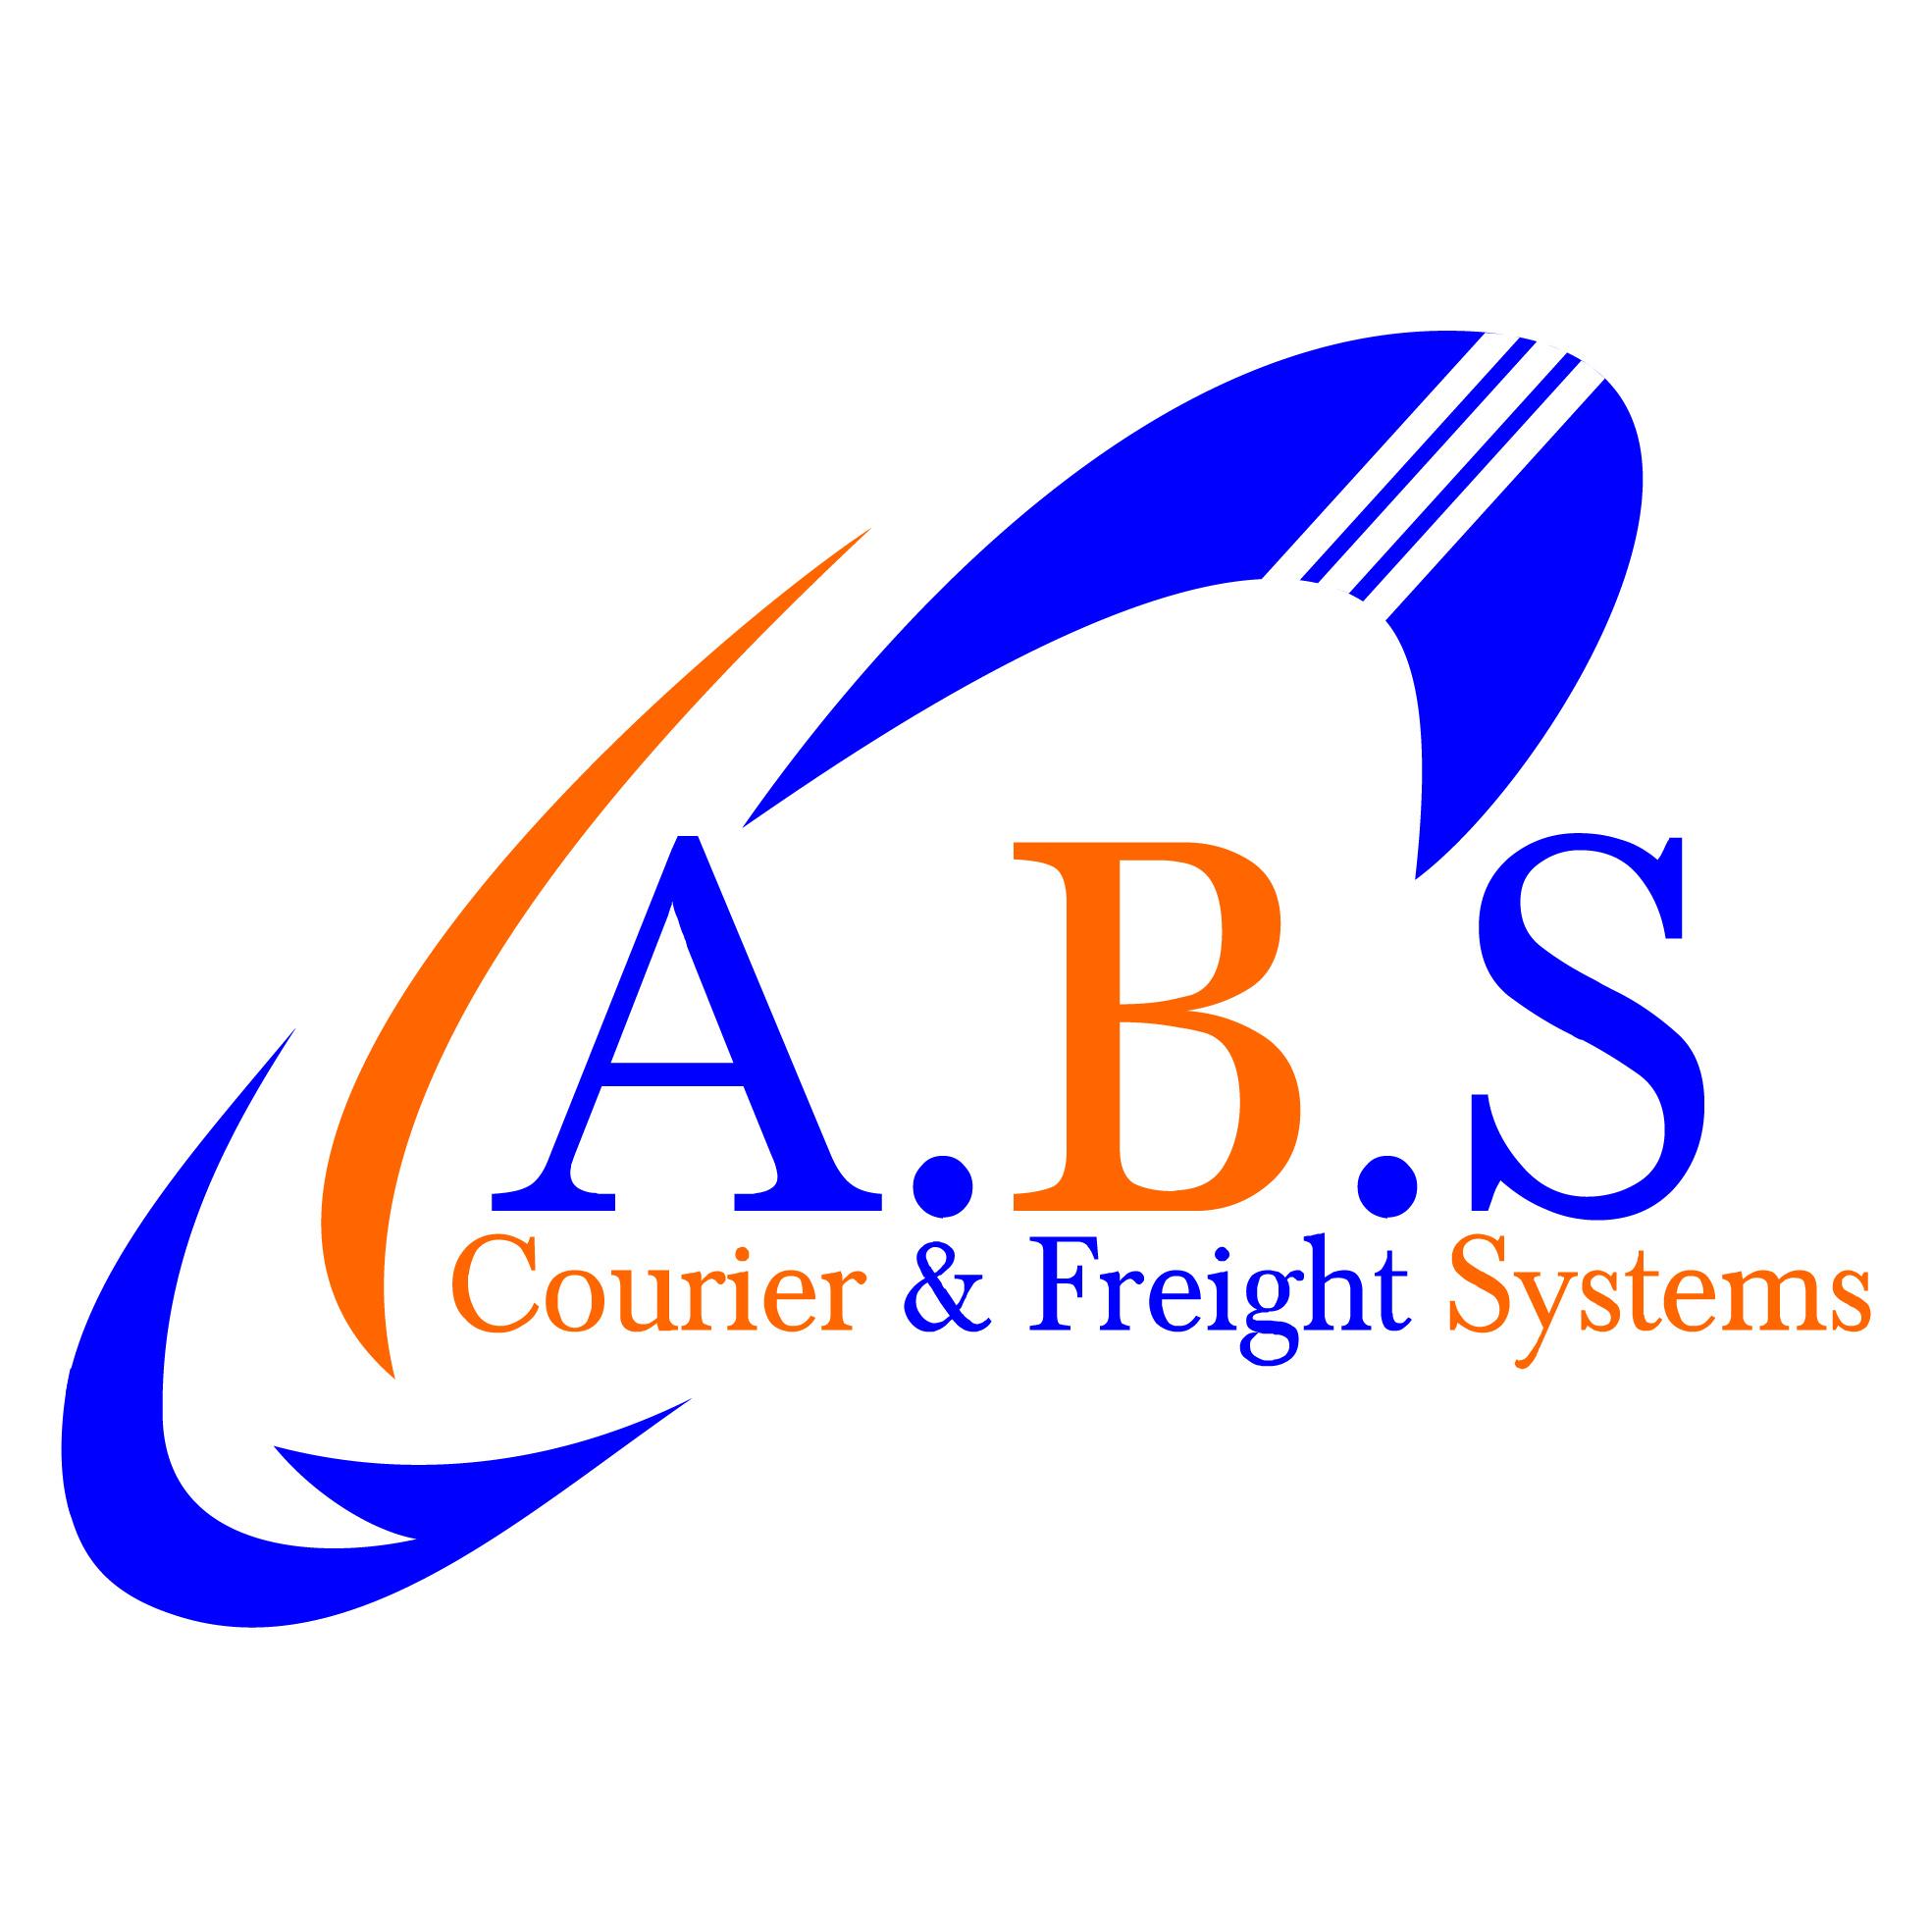 أ.بي.إس للشحن والبريد السريع الدولي والمحلي.